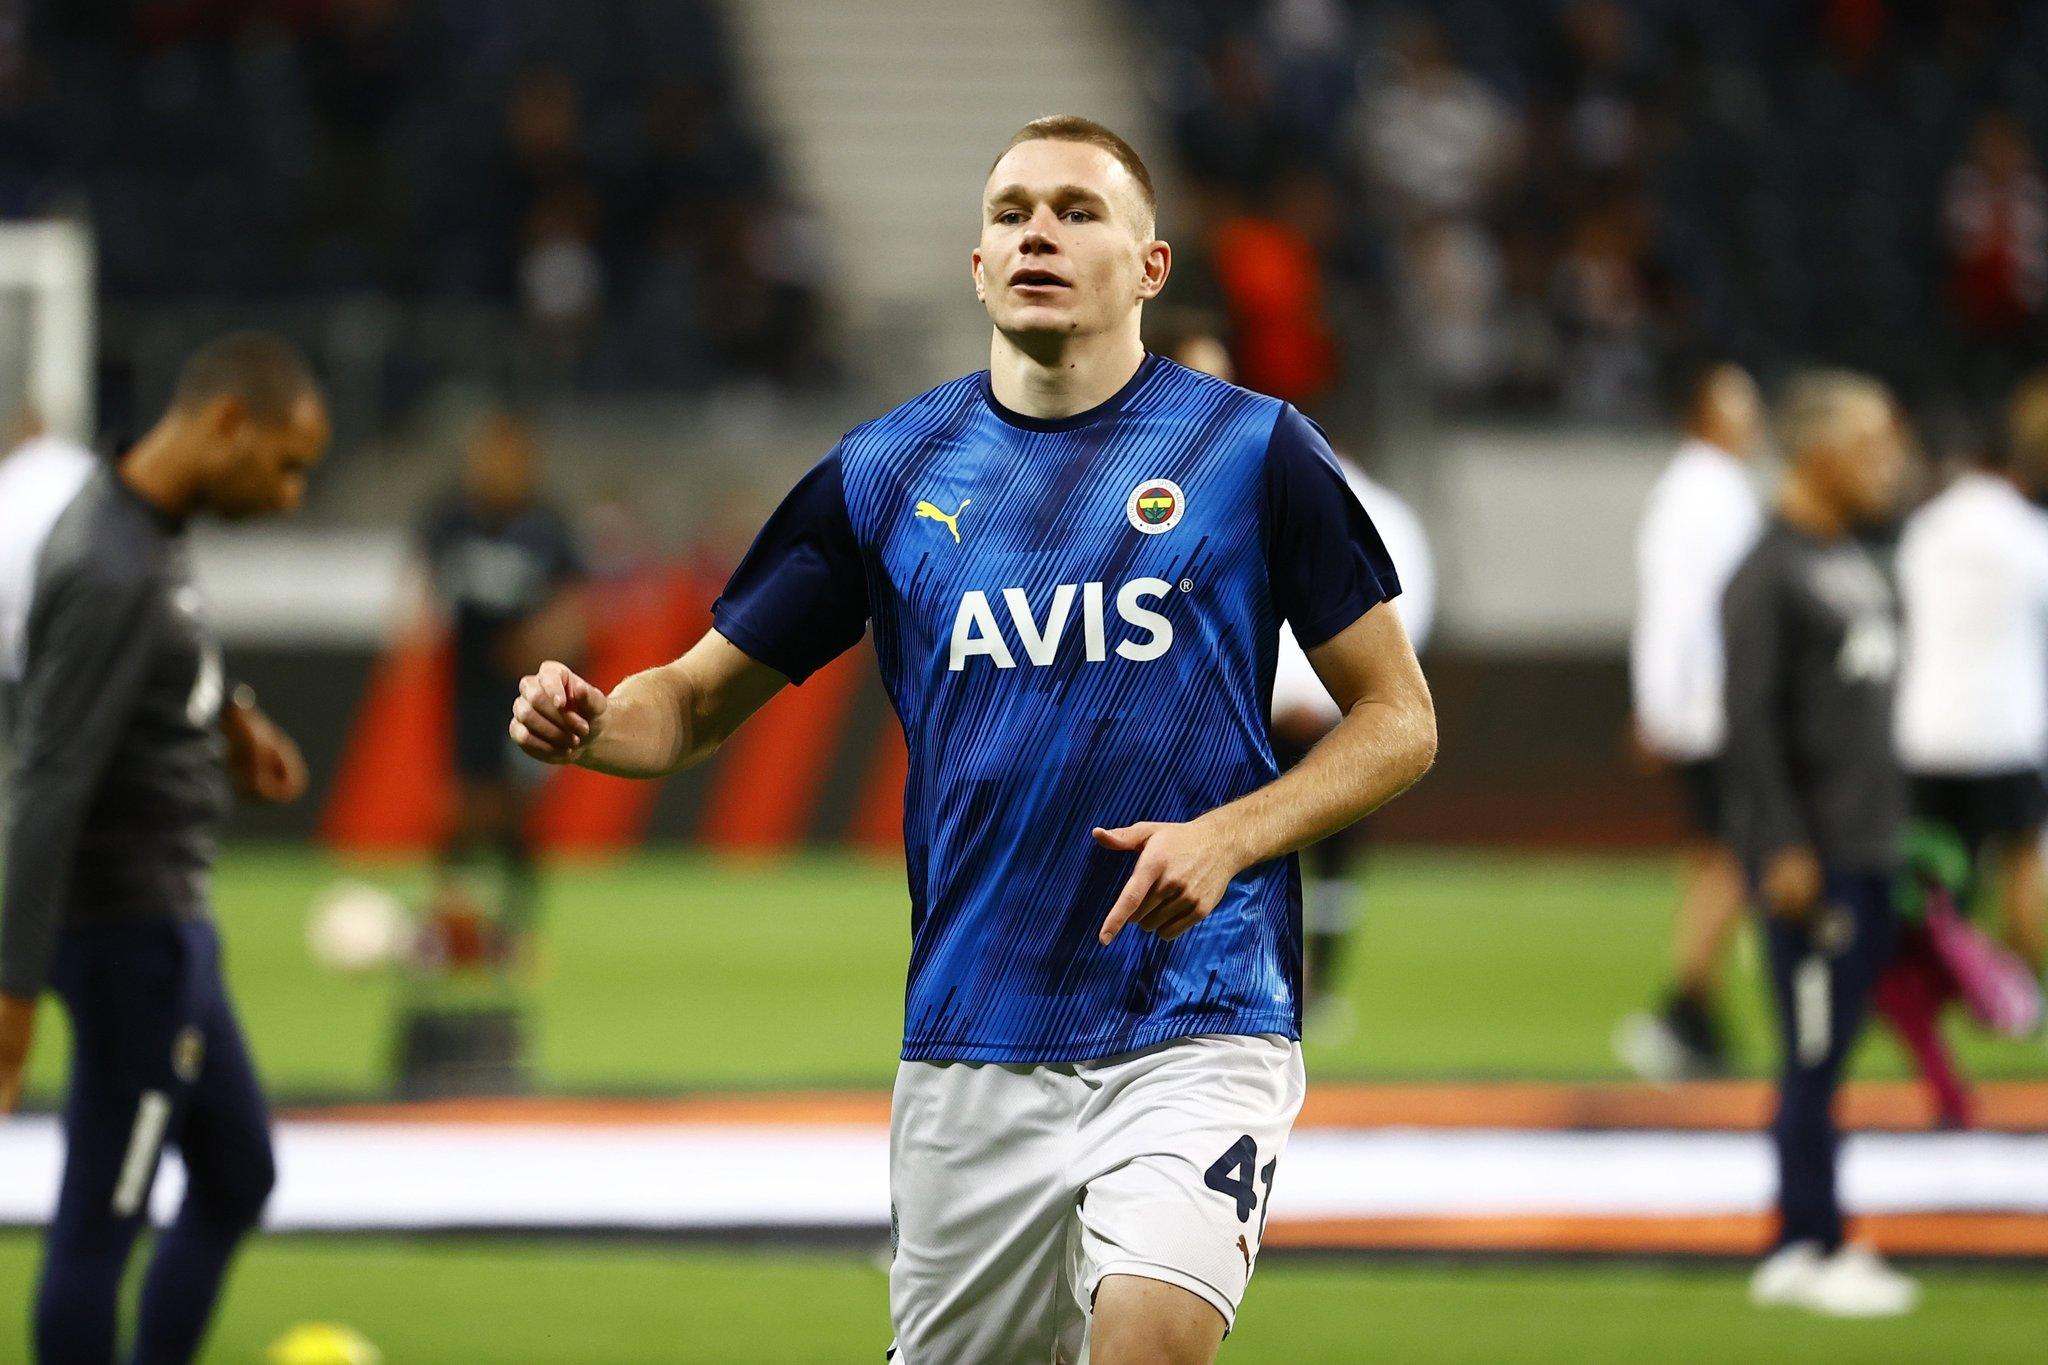 """aSpor: Attila Szalai'ye ülkesinden övgü! """"Türk futbolu için bir fenomen olabilir"""""""